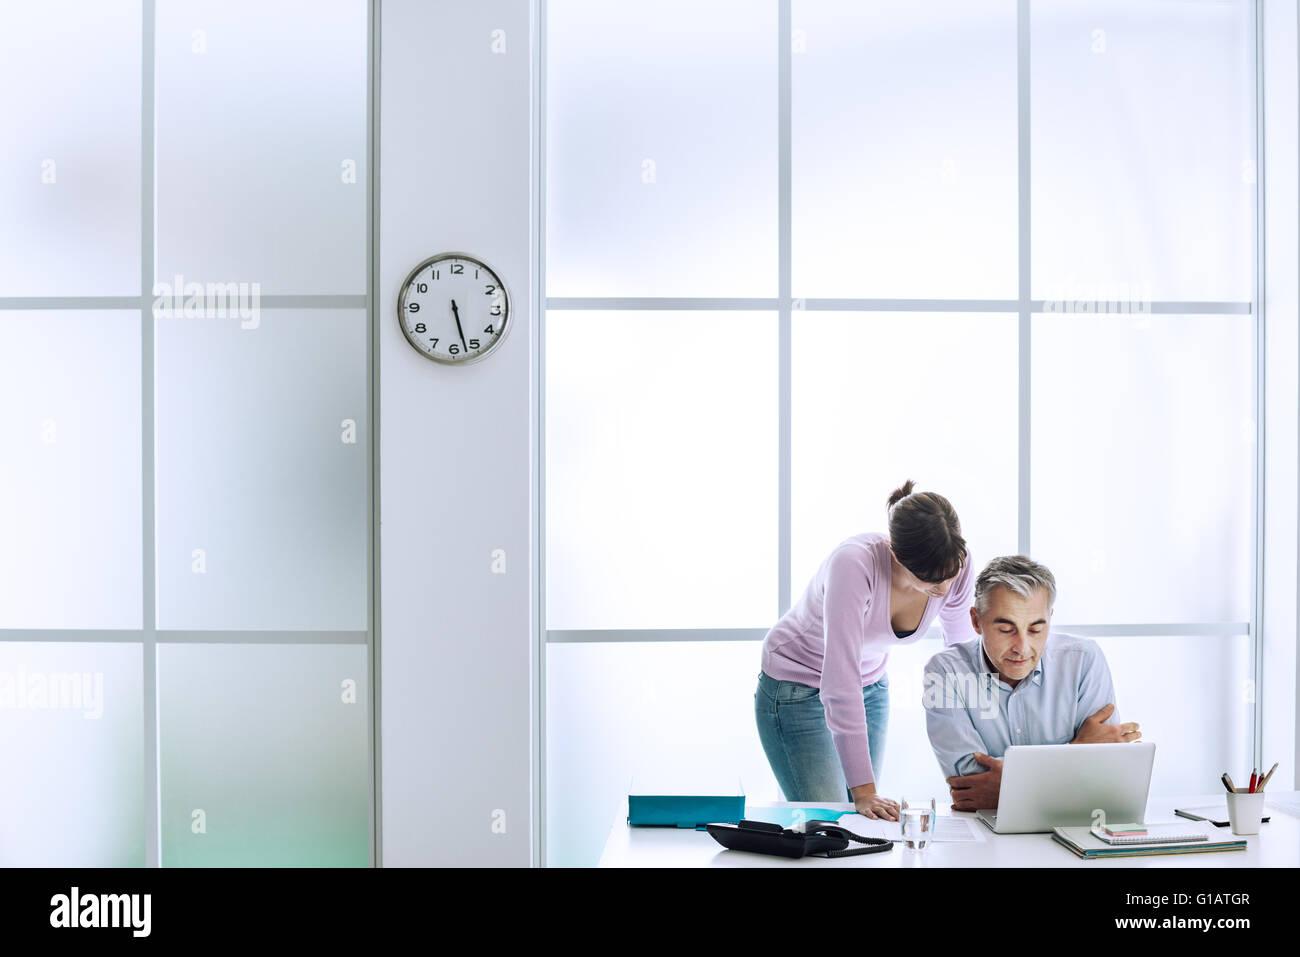 Bureau exécutif travaillant au bureau avec son assistant, ils sont à l'aide d'un ordinateur portable Photo Stock